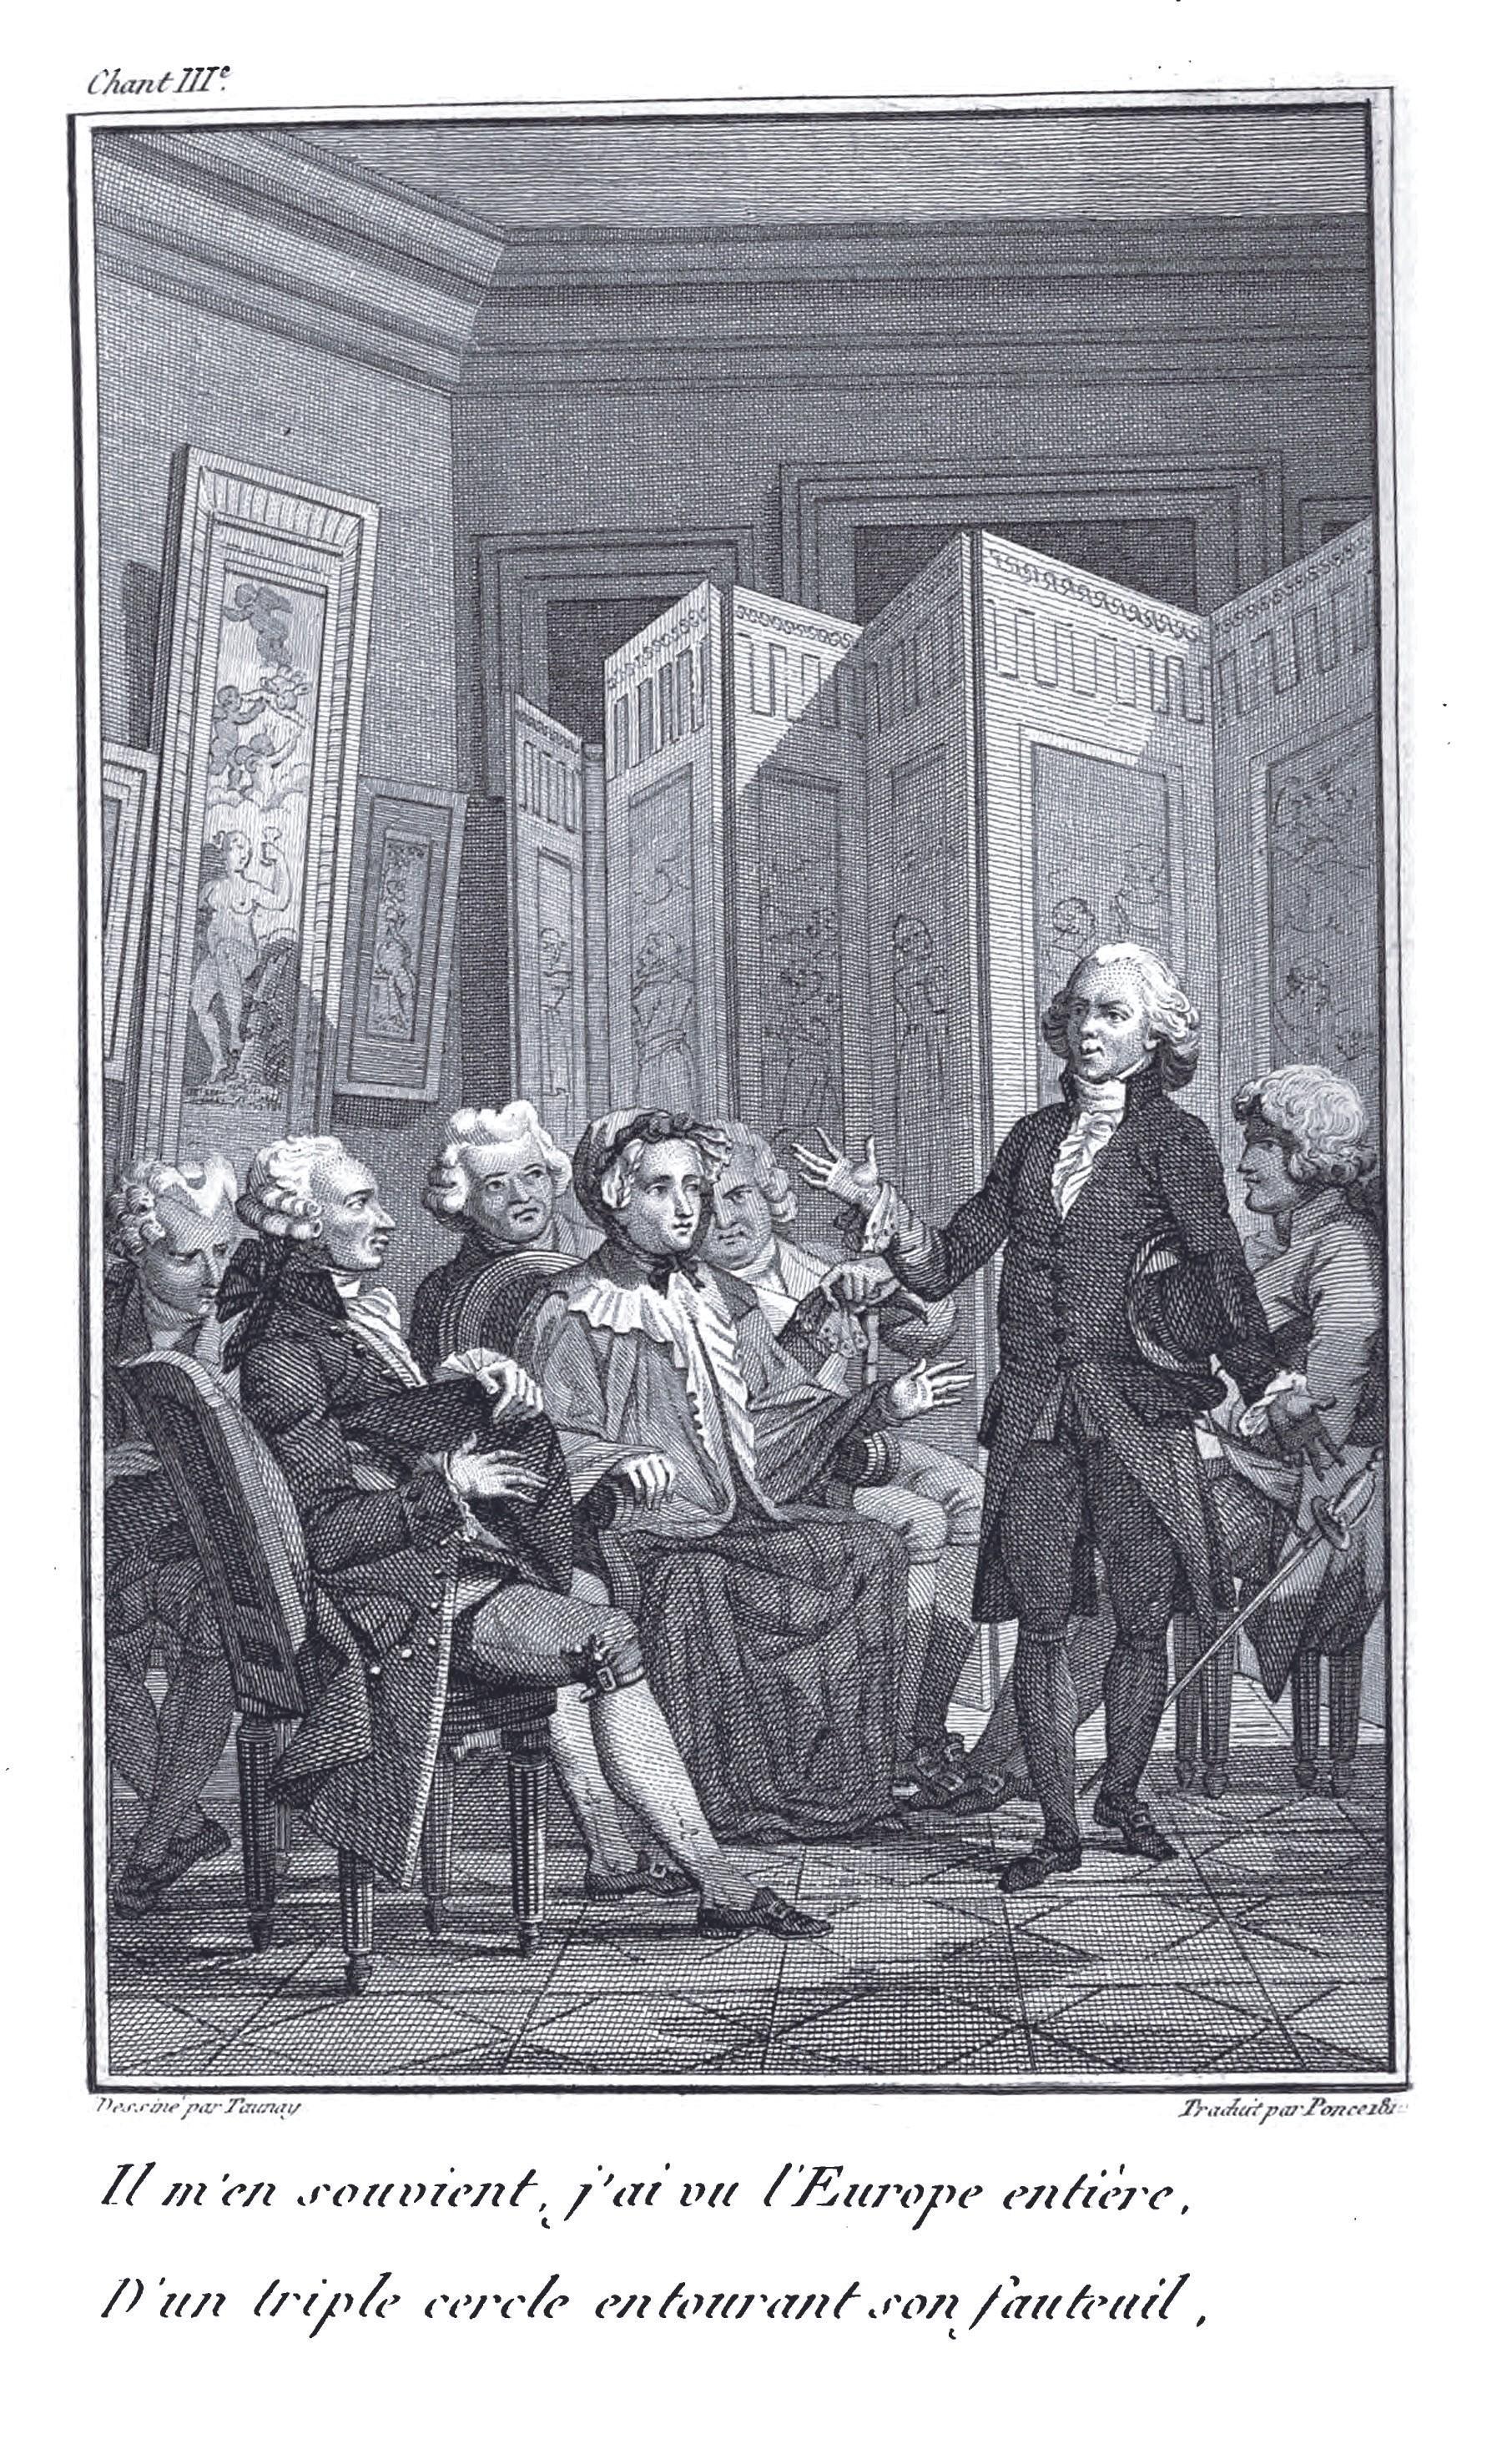 Jacques Delille récitant des vers dans le salon de Mme Geoffrin, gravure anonyme du XIXe siècle